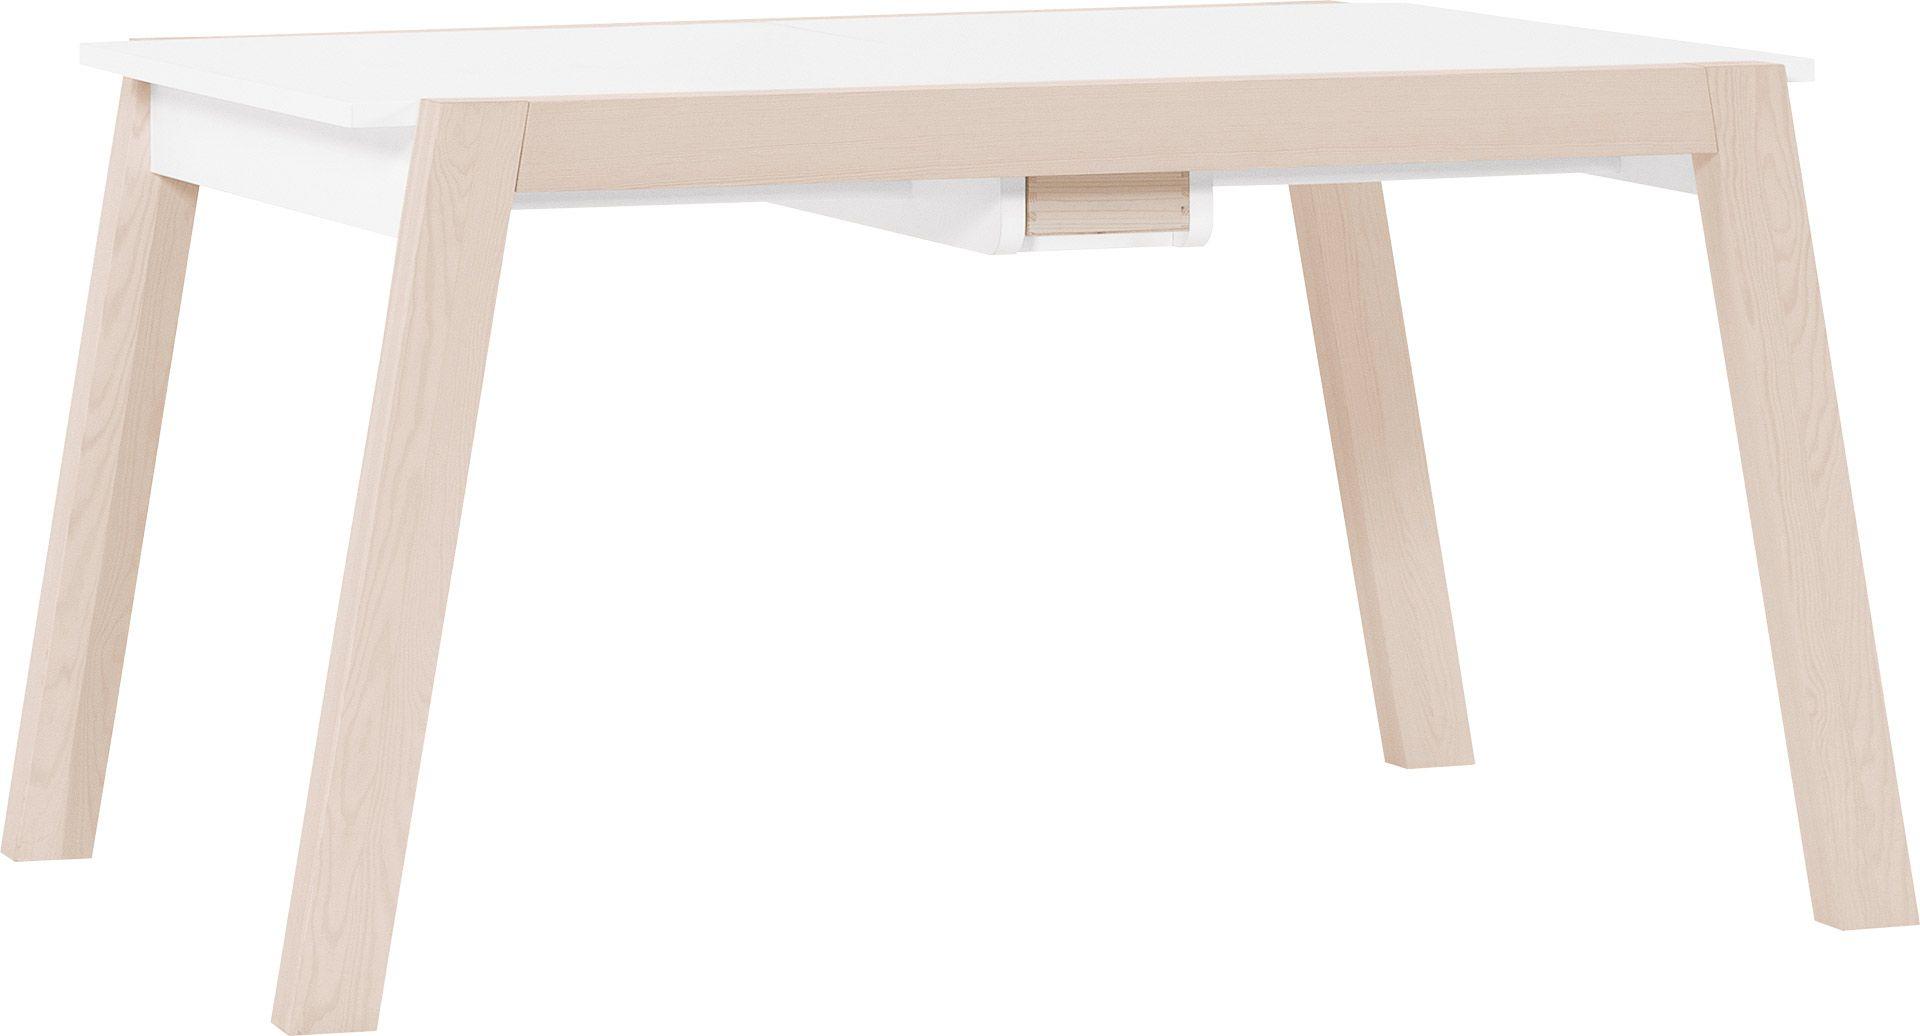 Vox Spot Stół Rozkładany 6922905082 Allegropl Więcej Niż